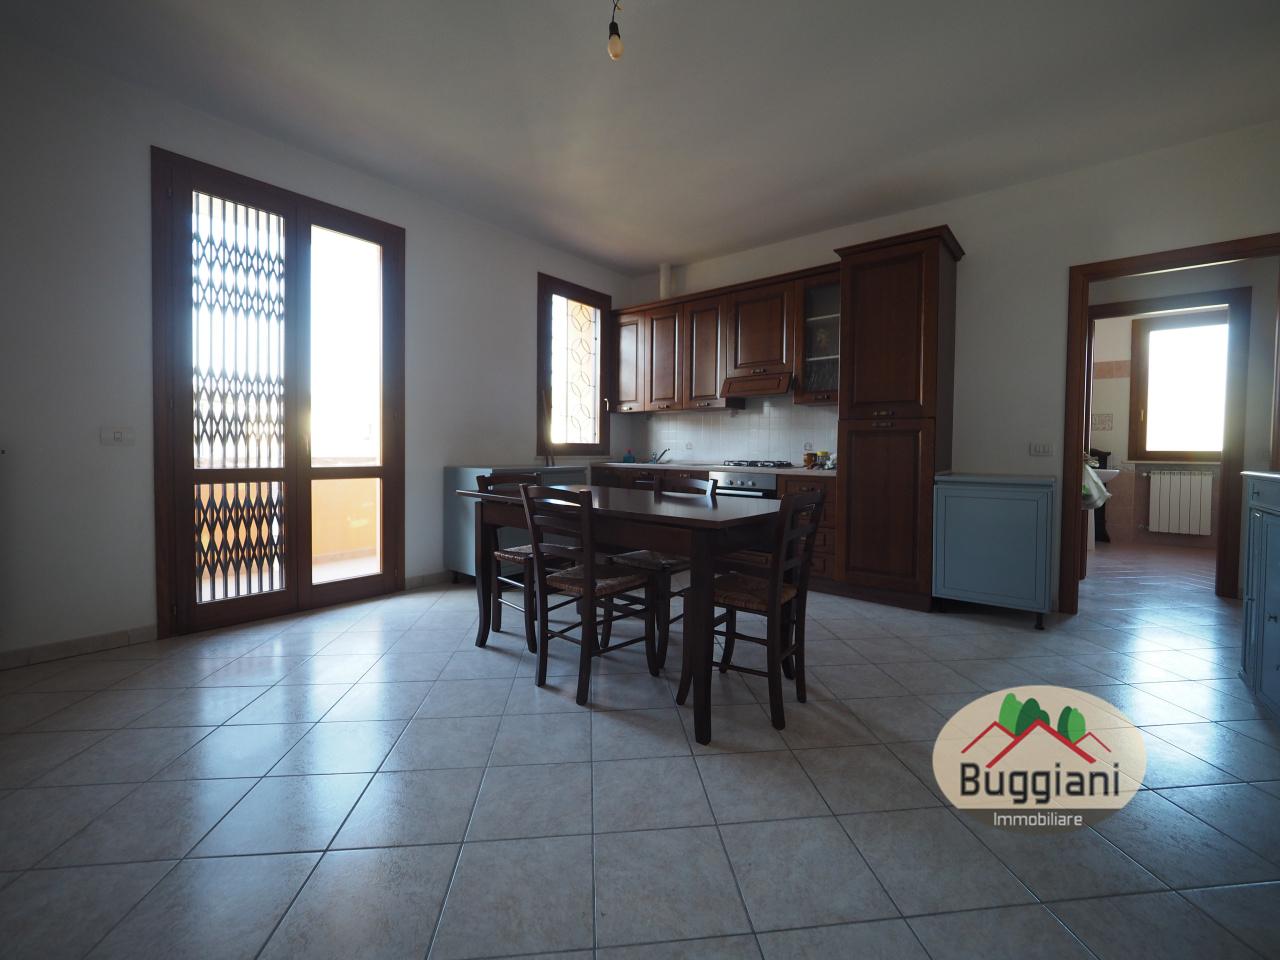 Appartamento in vendita RIF. 2031, Fucecchio (FI)